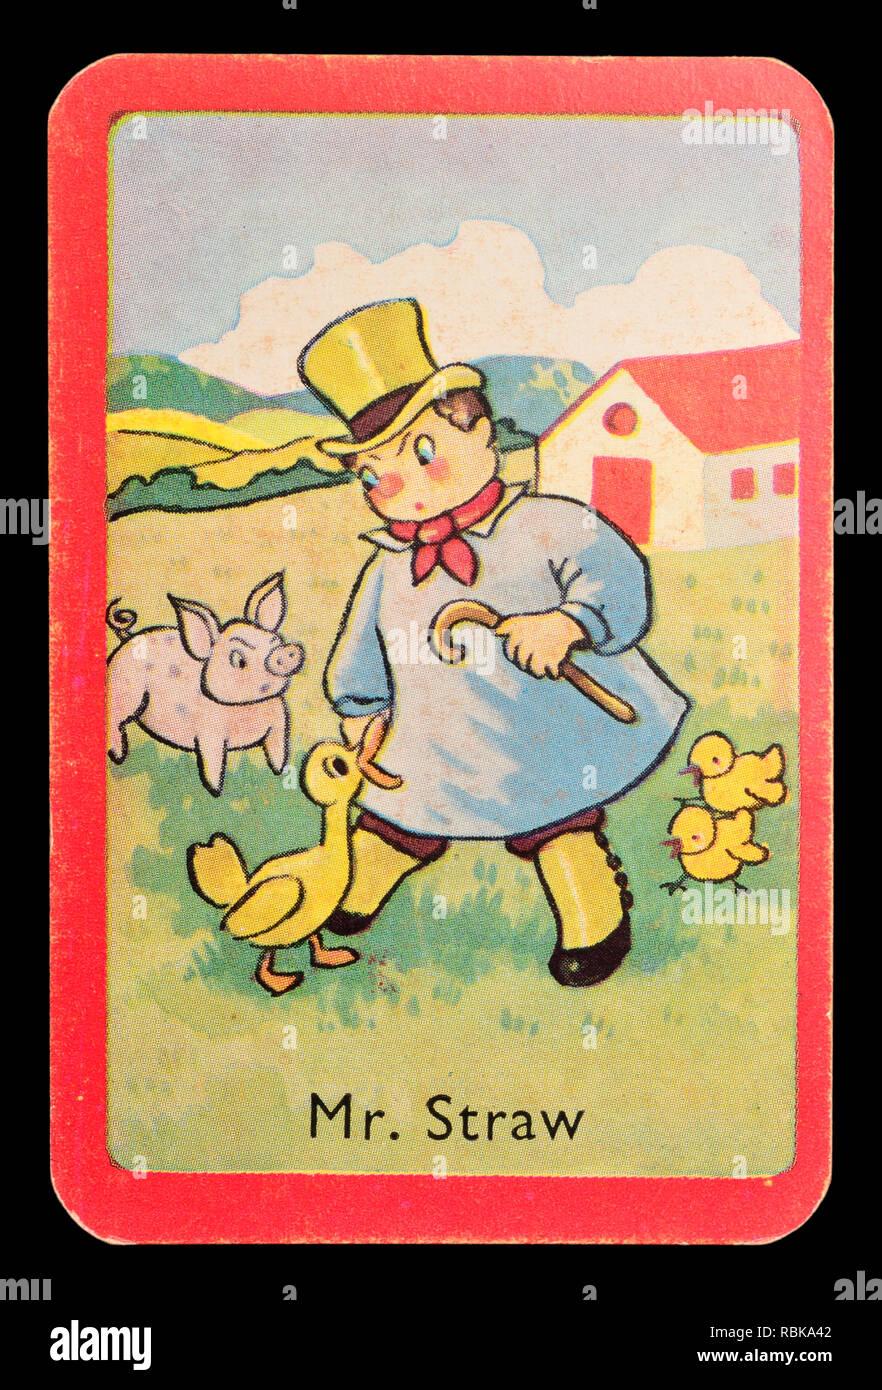 Carta da un Noddy snap gioco di scheda (1955) - il Ministro Straw Immagini Stock